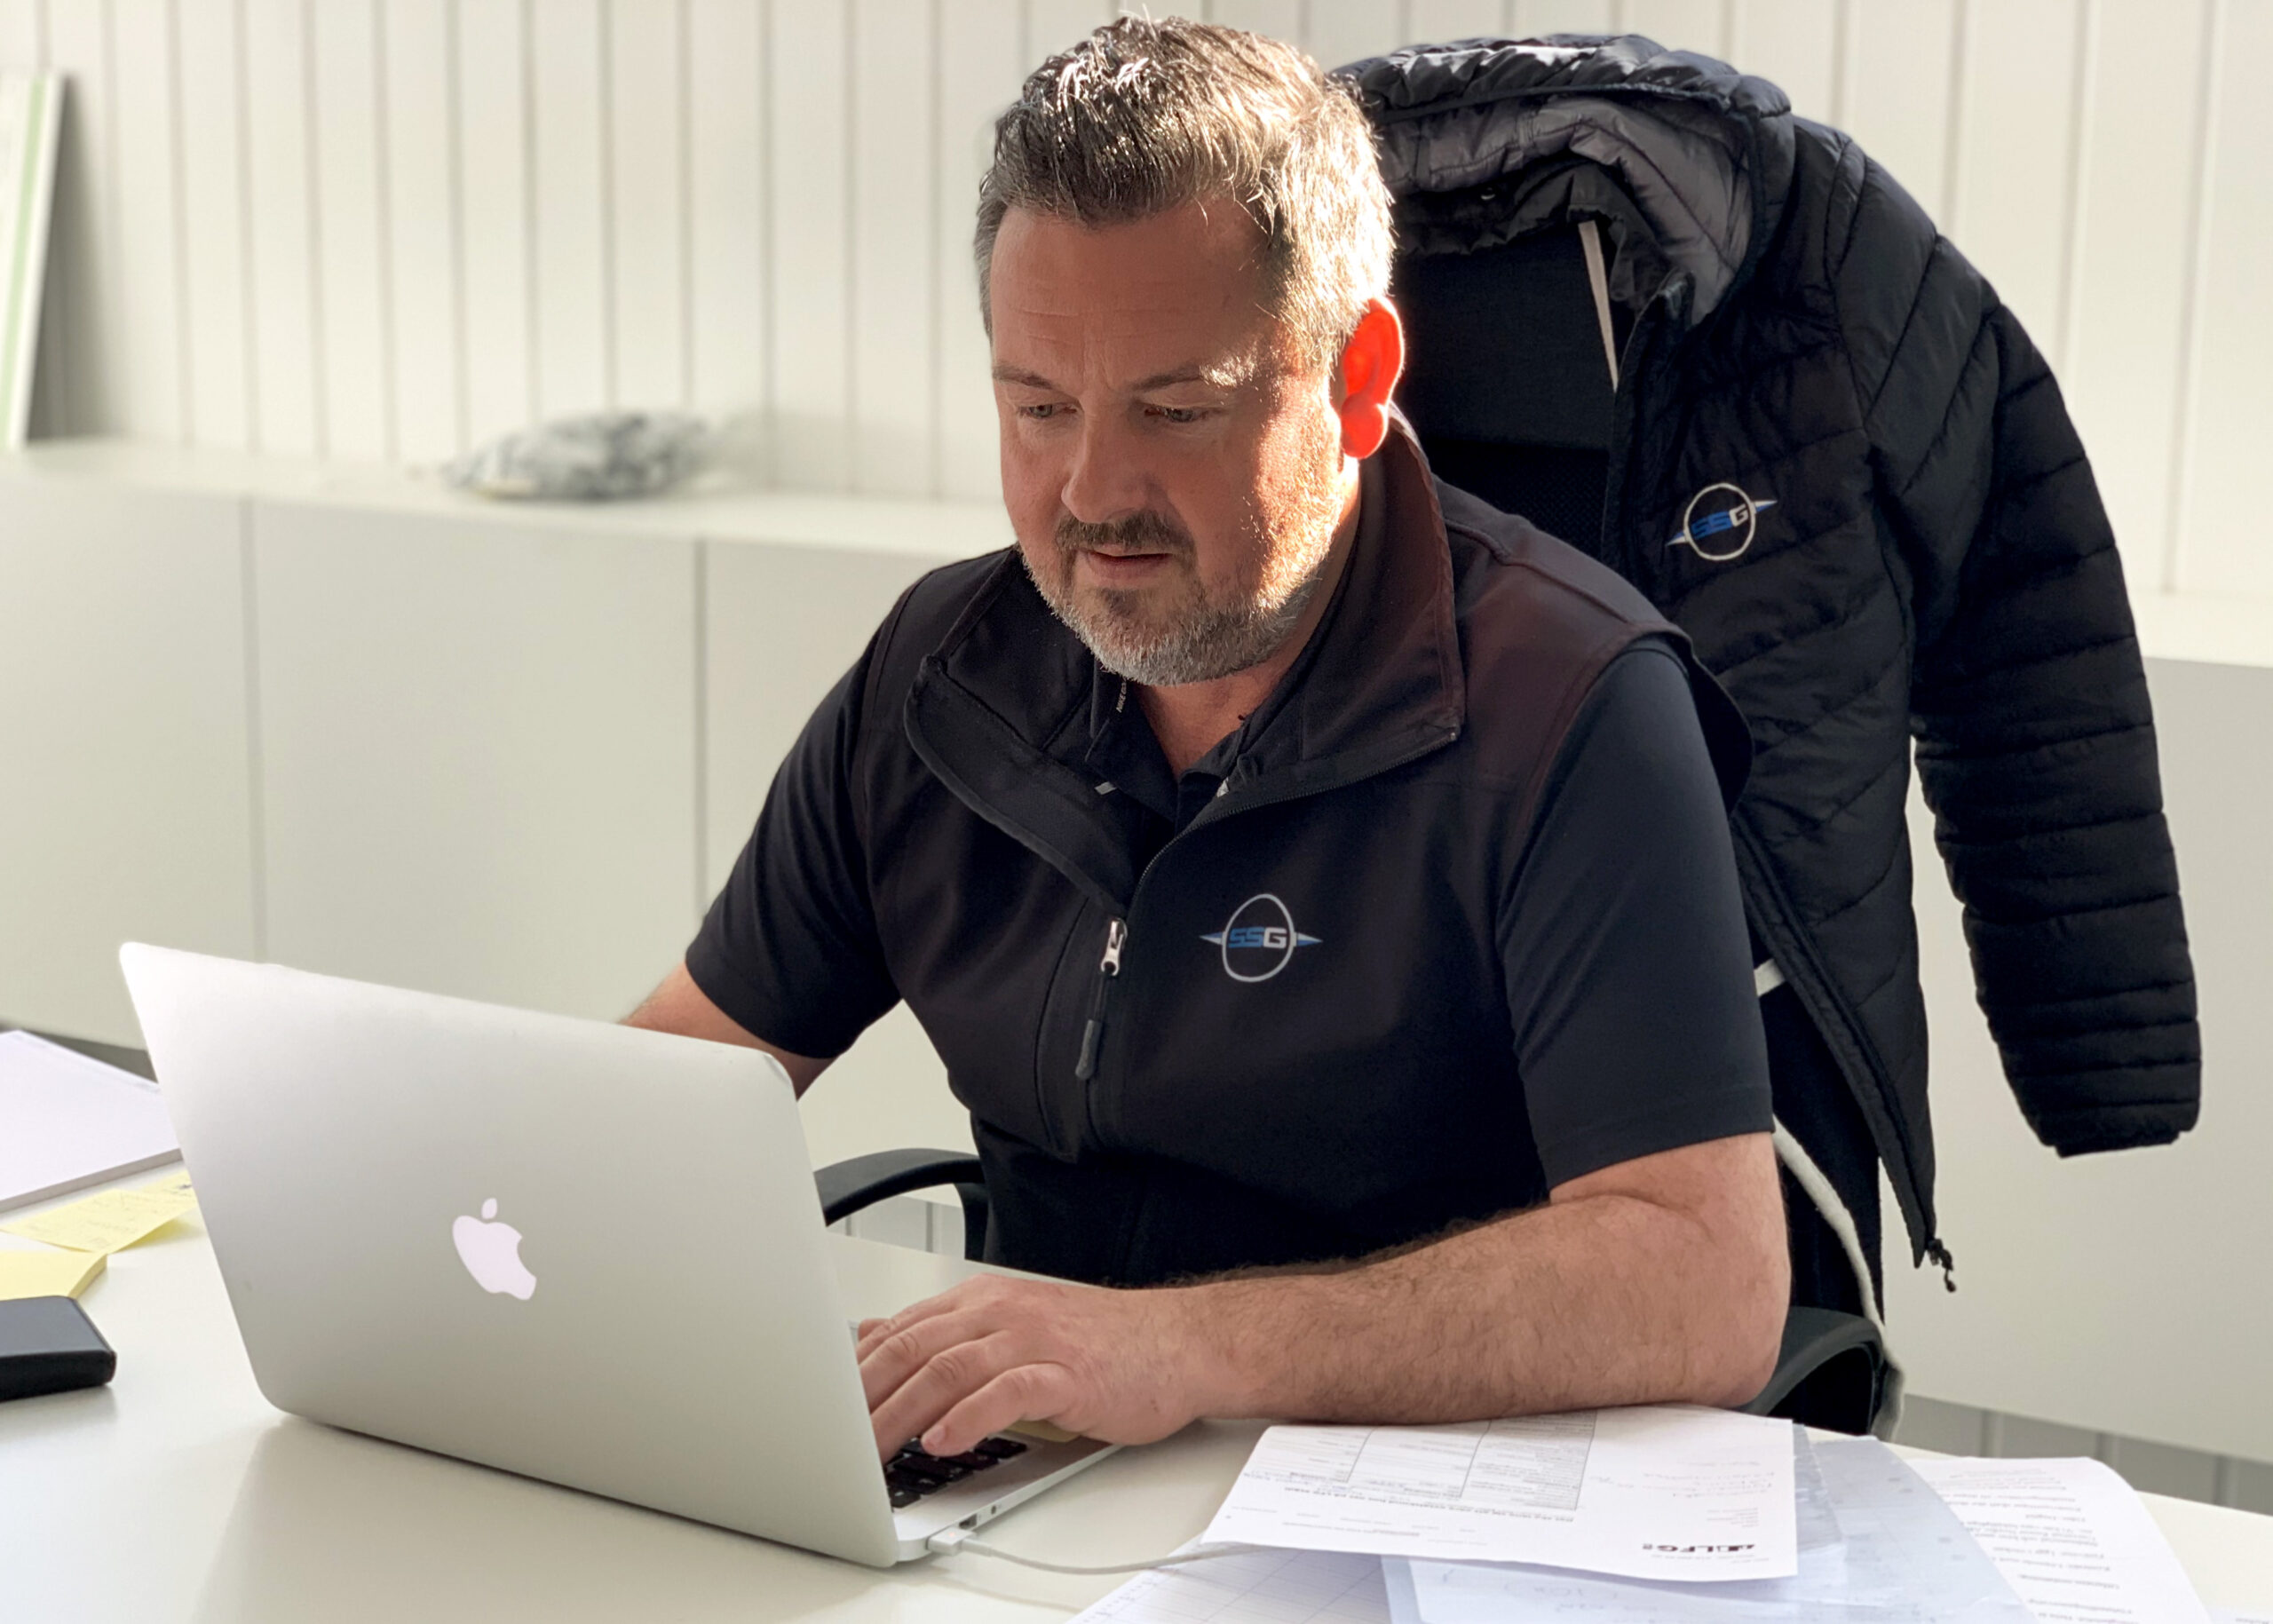 En man klädd i svart pikétröja sitter framför ett vitt skrivbord och skriver på en dator